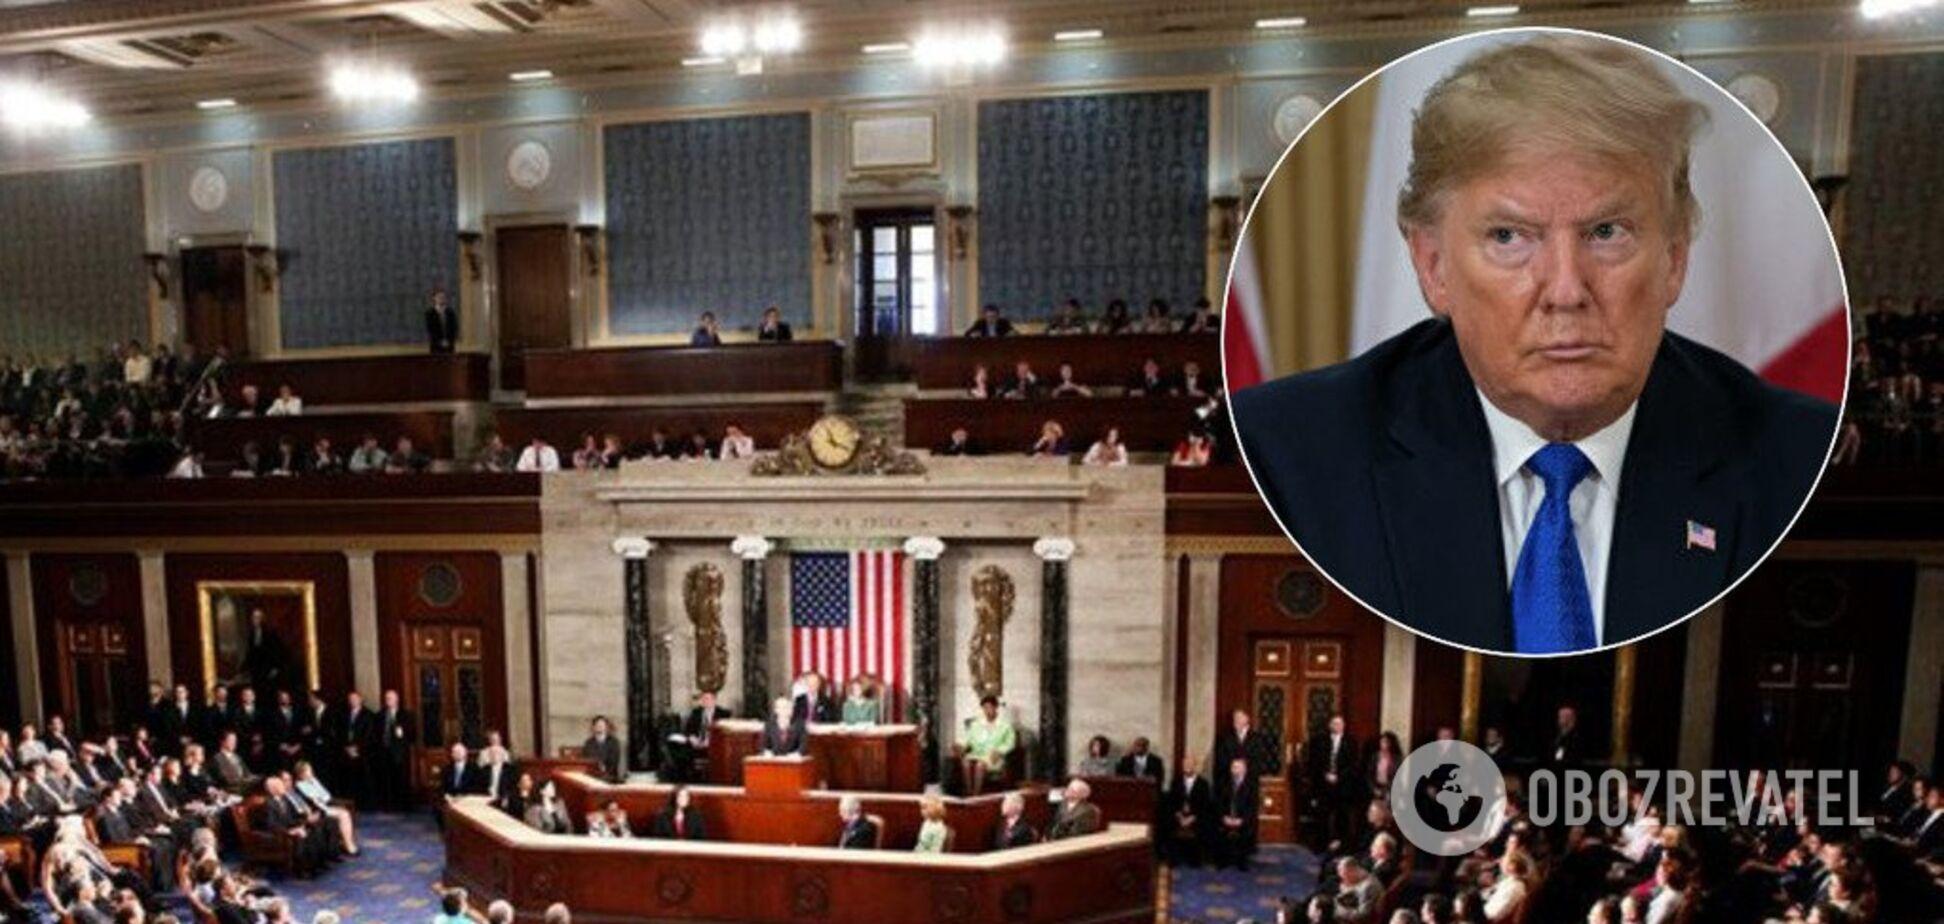 'Он предатель и лжец!' В США демократы призвали проголосовать за импичмент Трампа